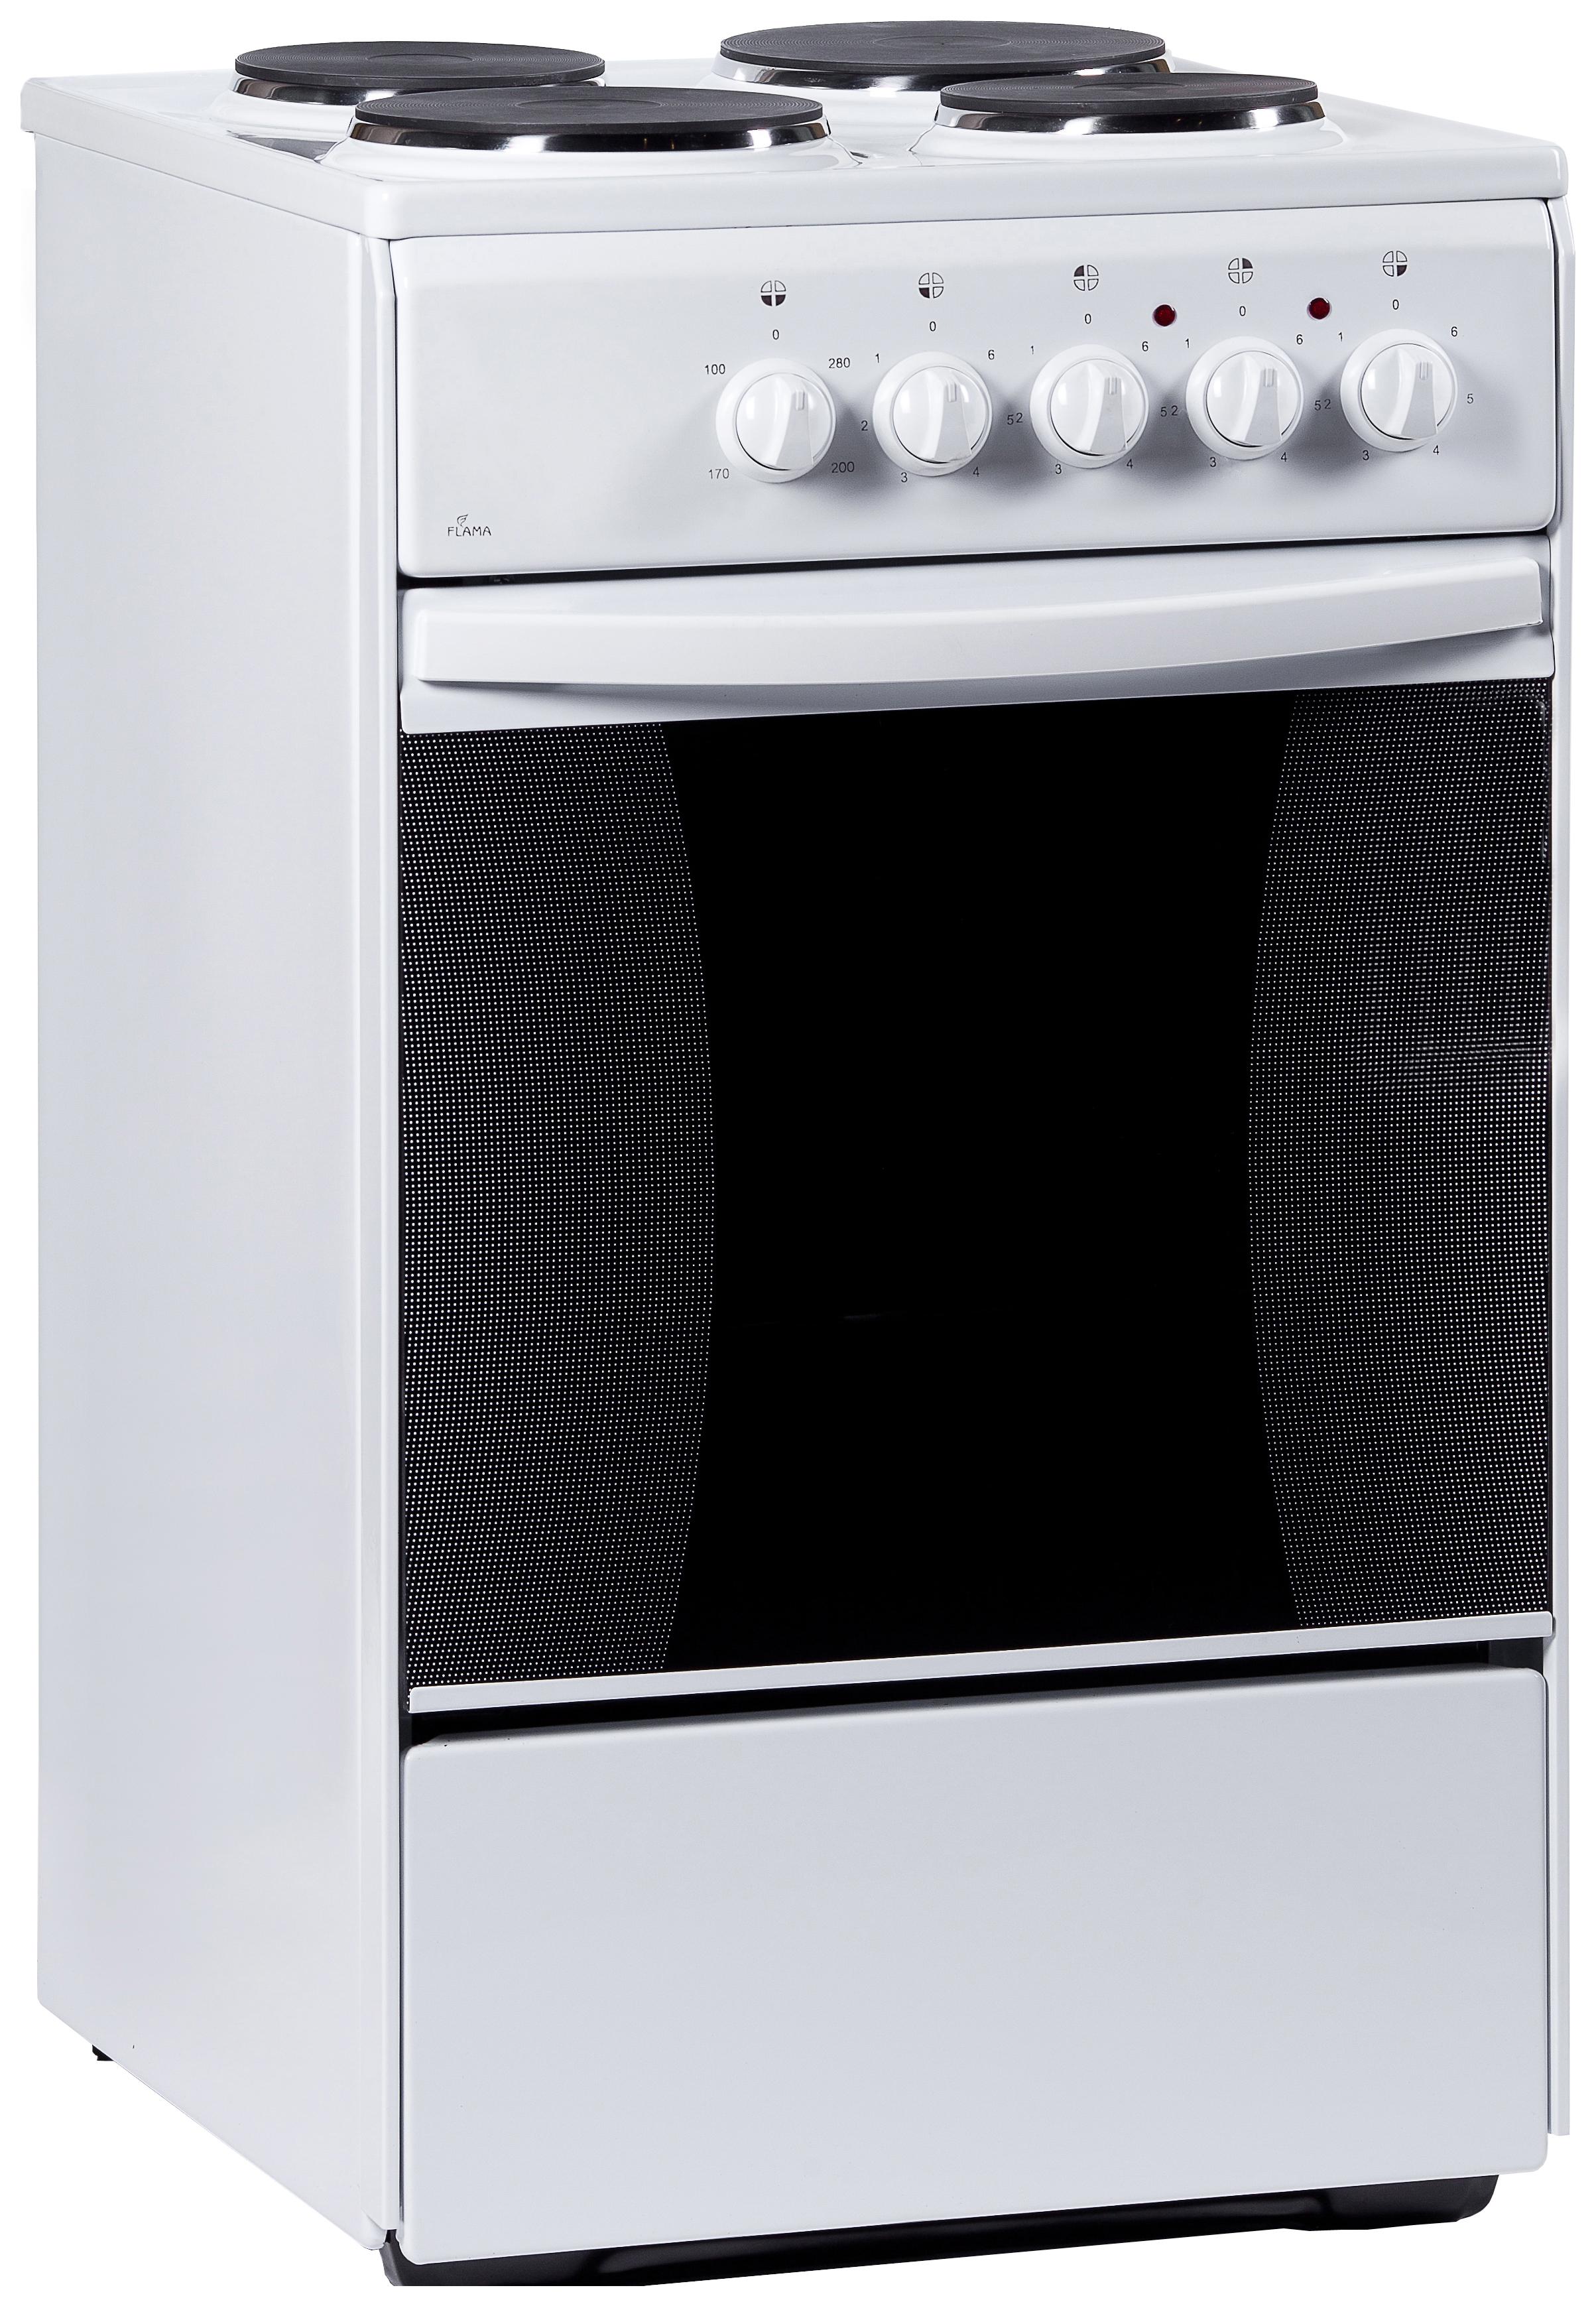 Электрическая плита Flama AE 1403 W White